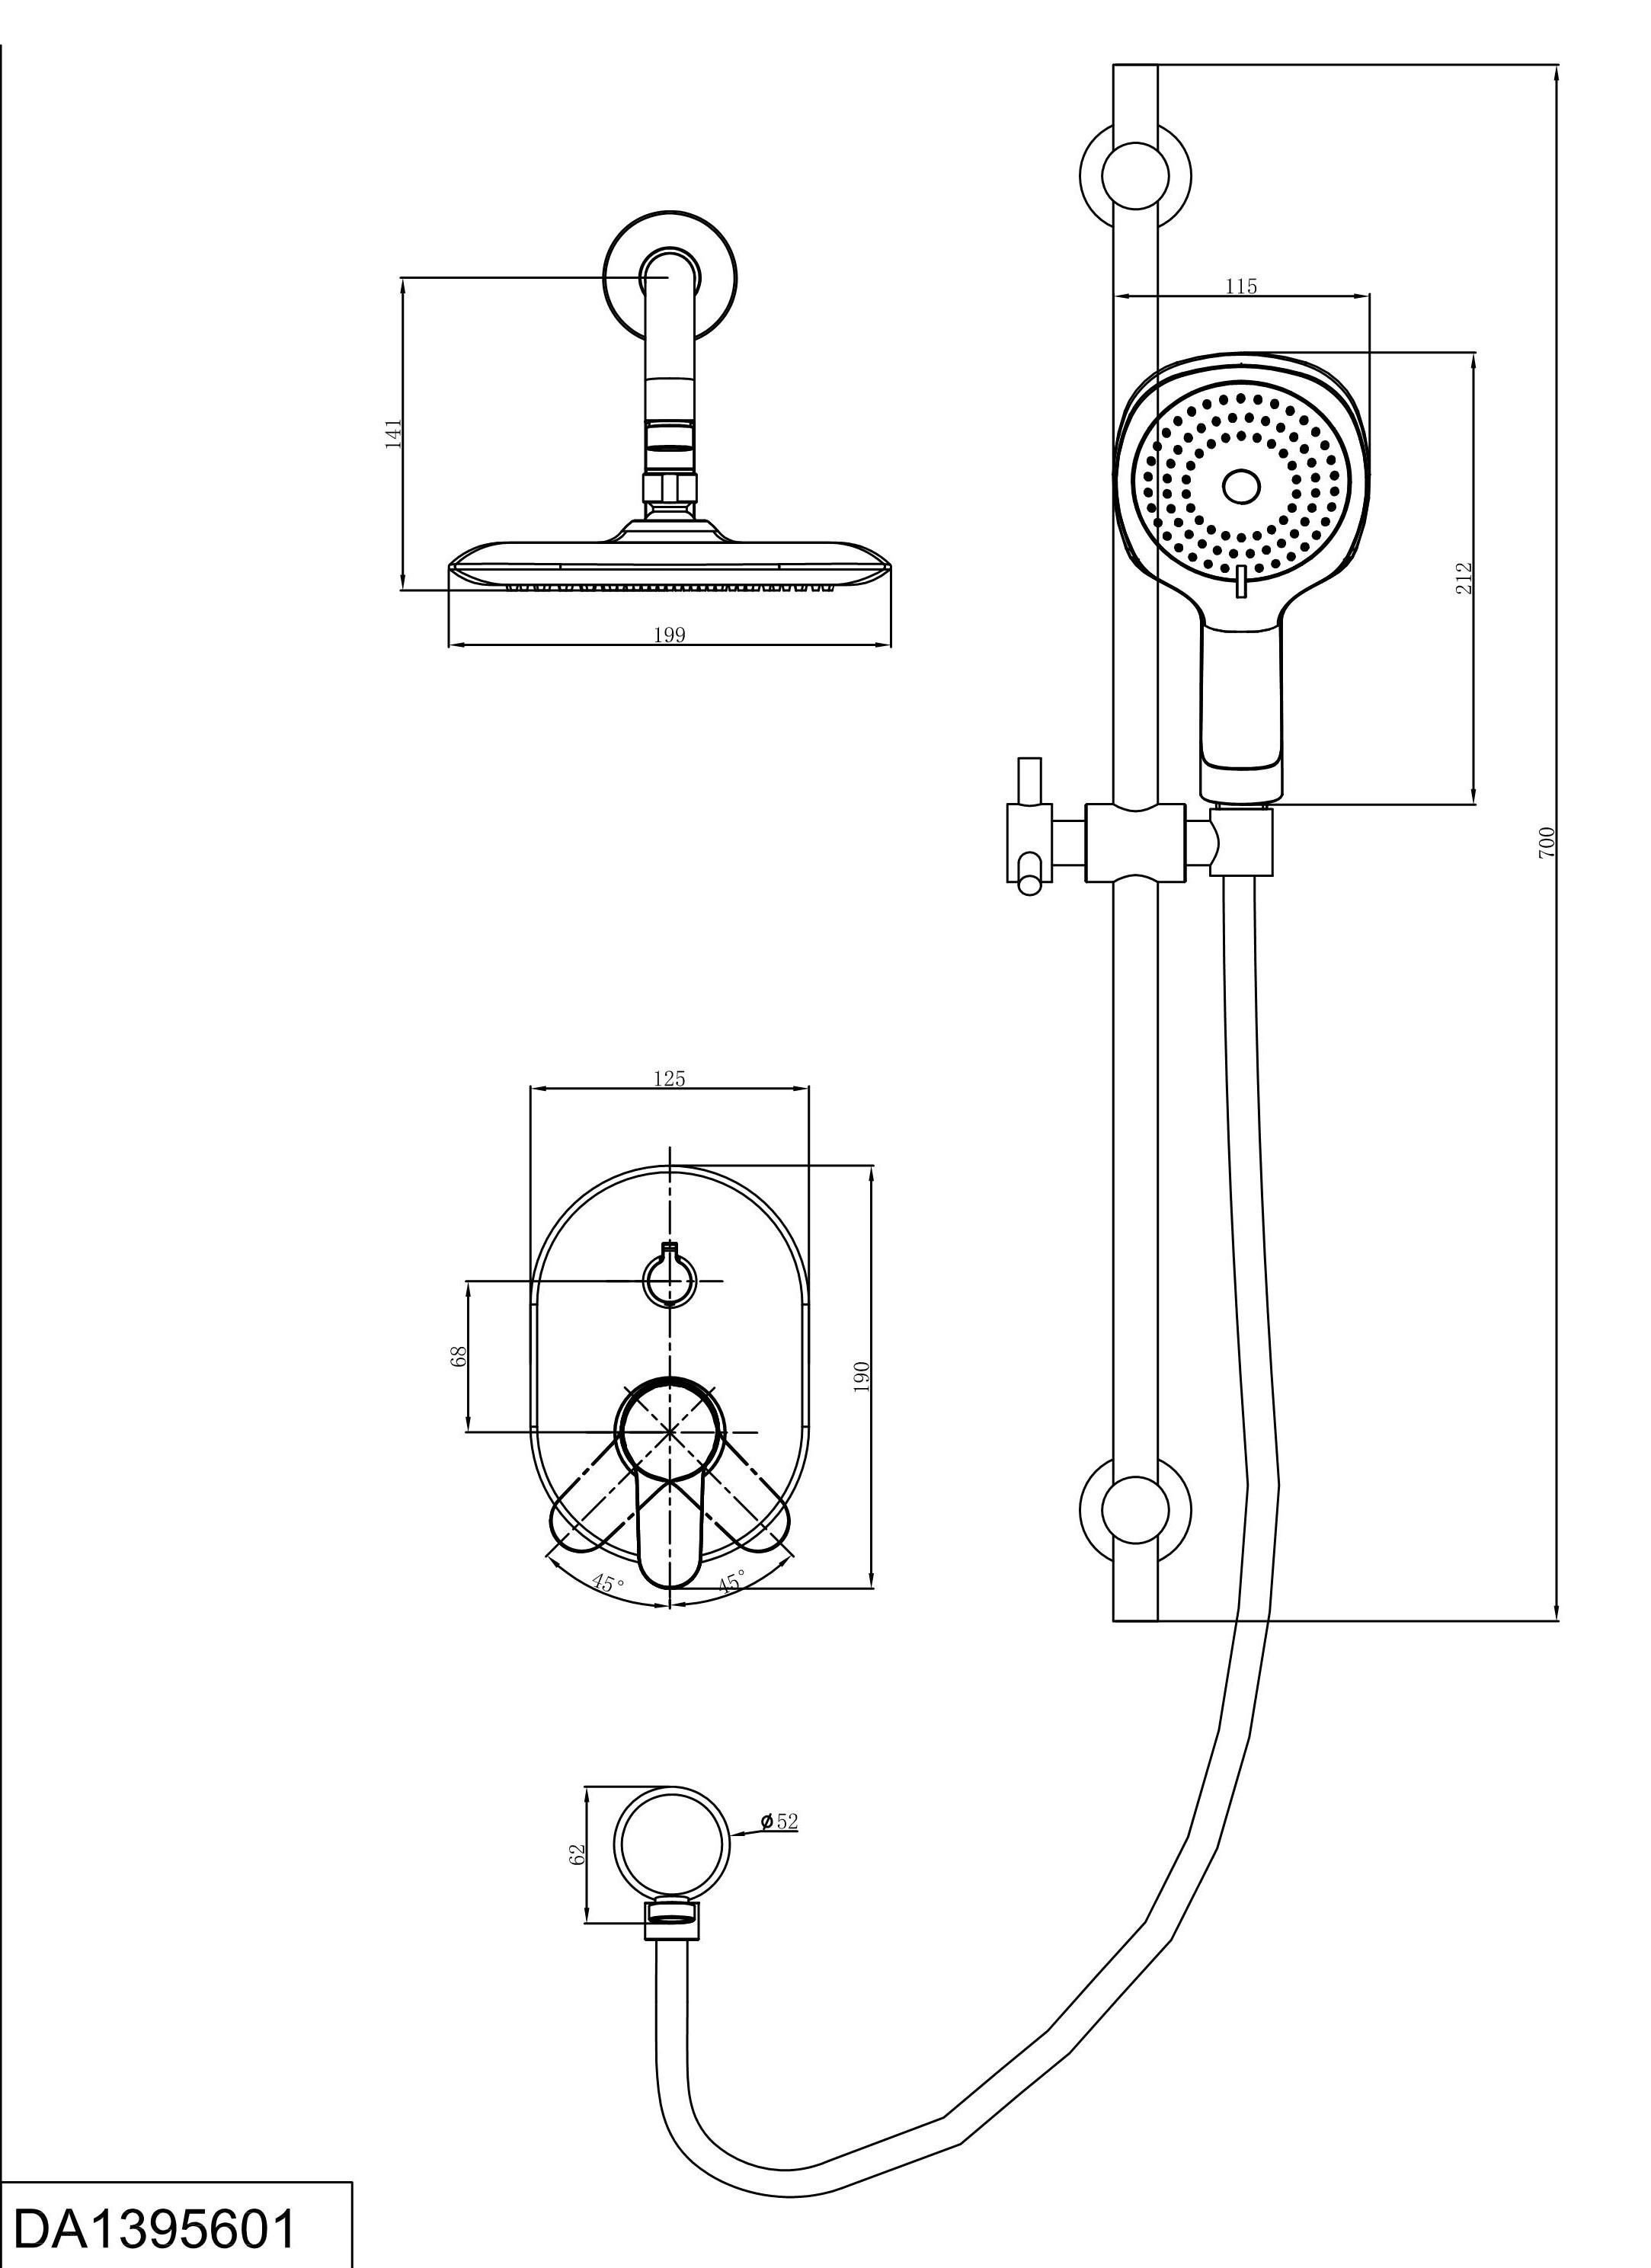 Смеситель для душа D&K Rhein.Marx DA1395601 встраиваемый хром